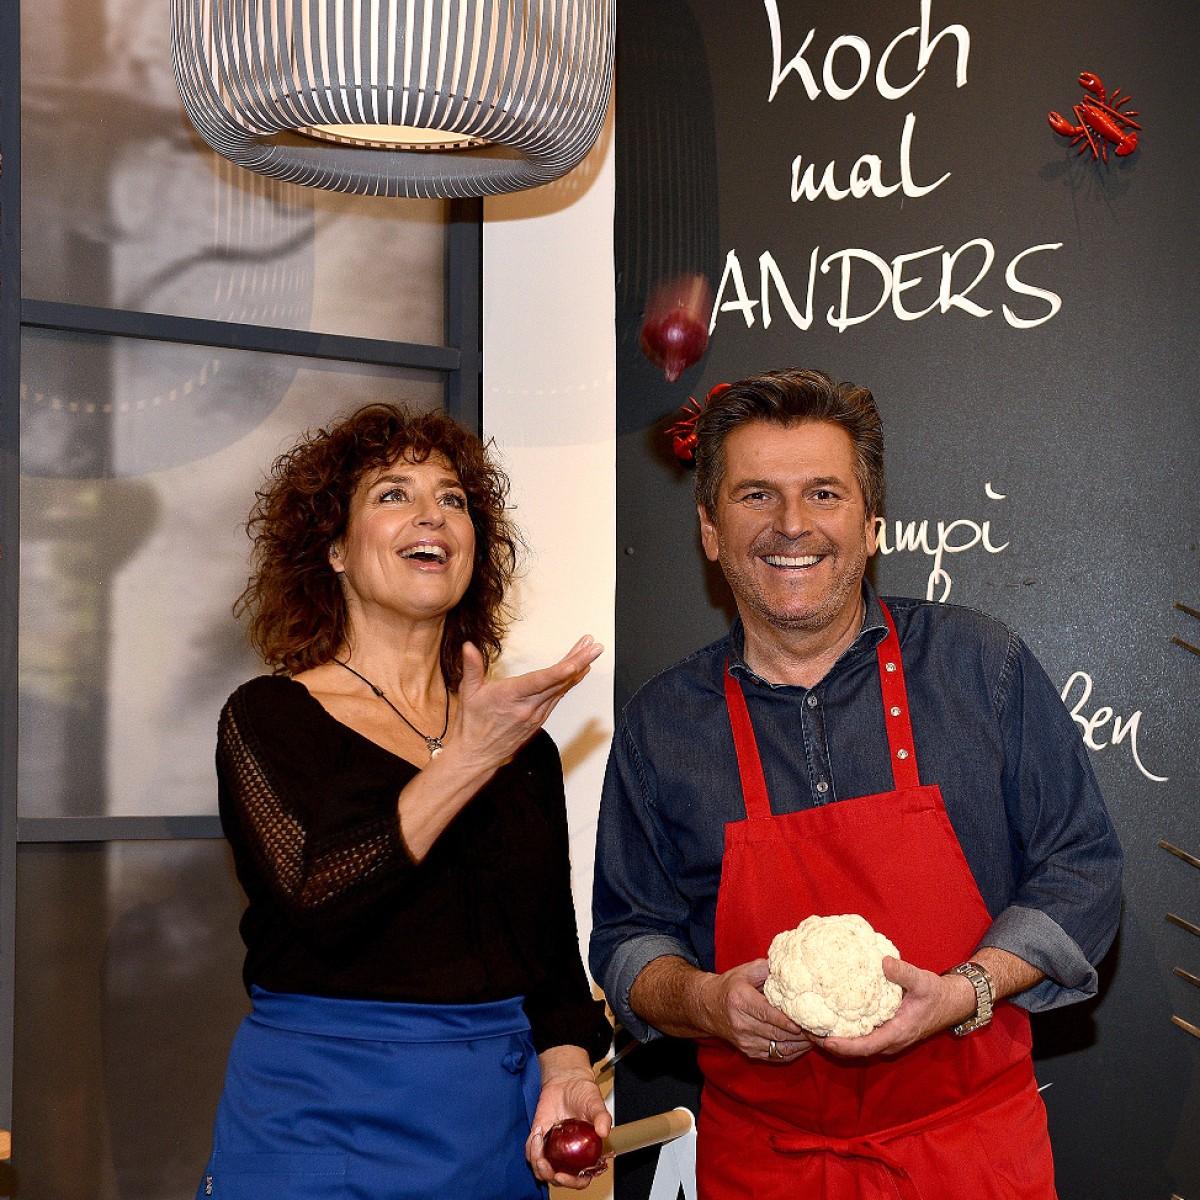 """""""Koch mal Anders"""": Thomas Anders schwingt ab März den Kochlöffel – Mit Isabel Varell, Francine Jordi, Manuel Andrack und Co. – Bild: SWR/Kristina Schäfer"""